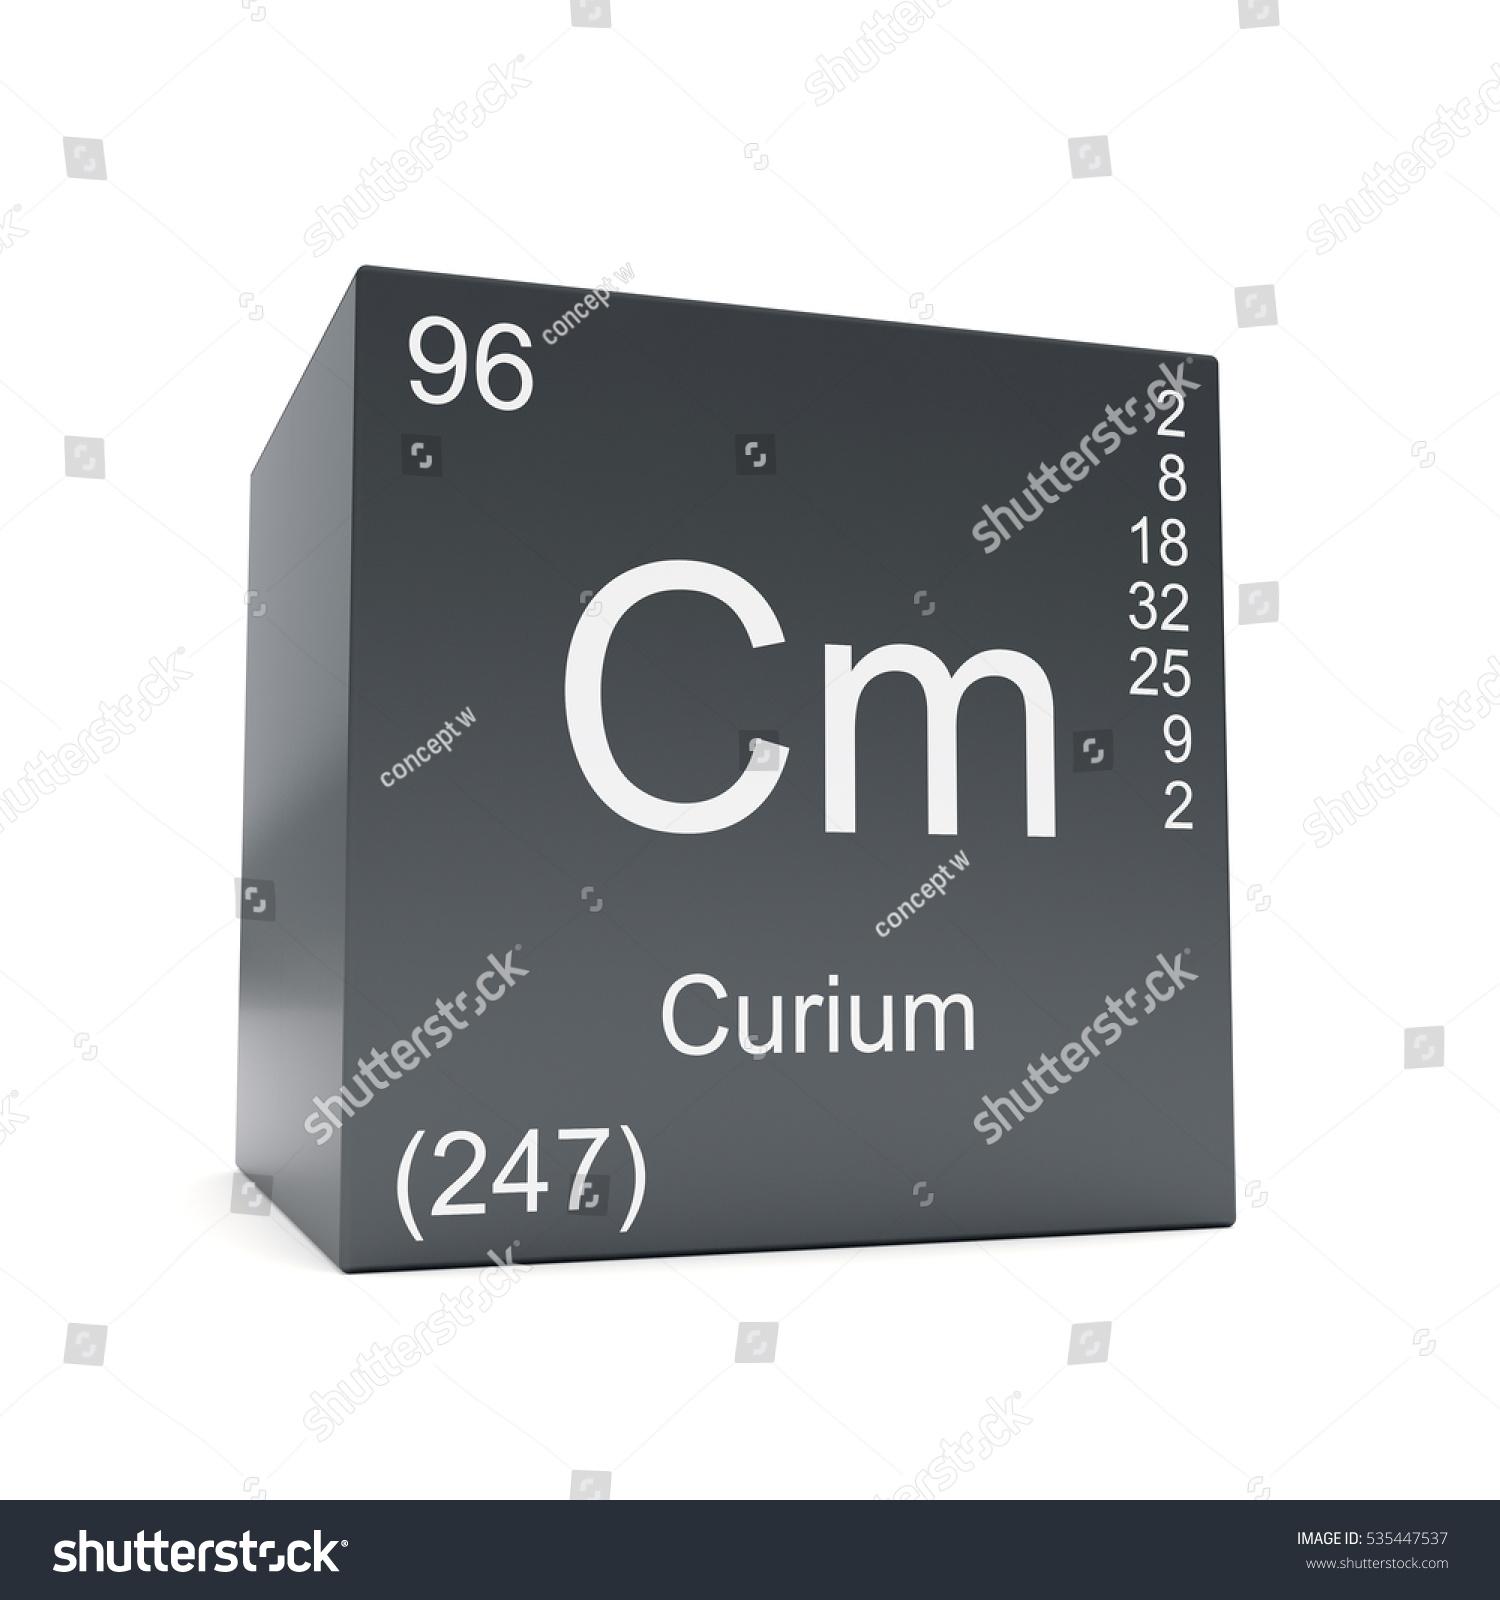 Curium Chemical Element Symbol Periodic Table Stock Illustration